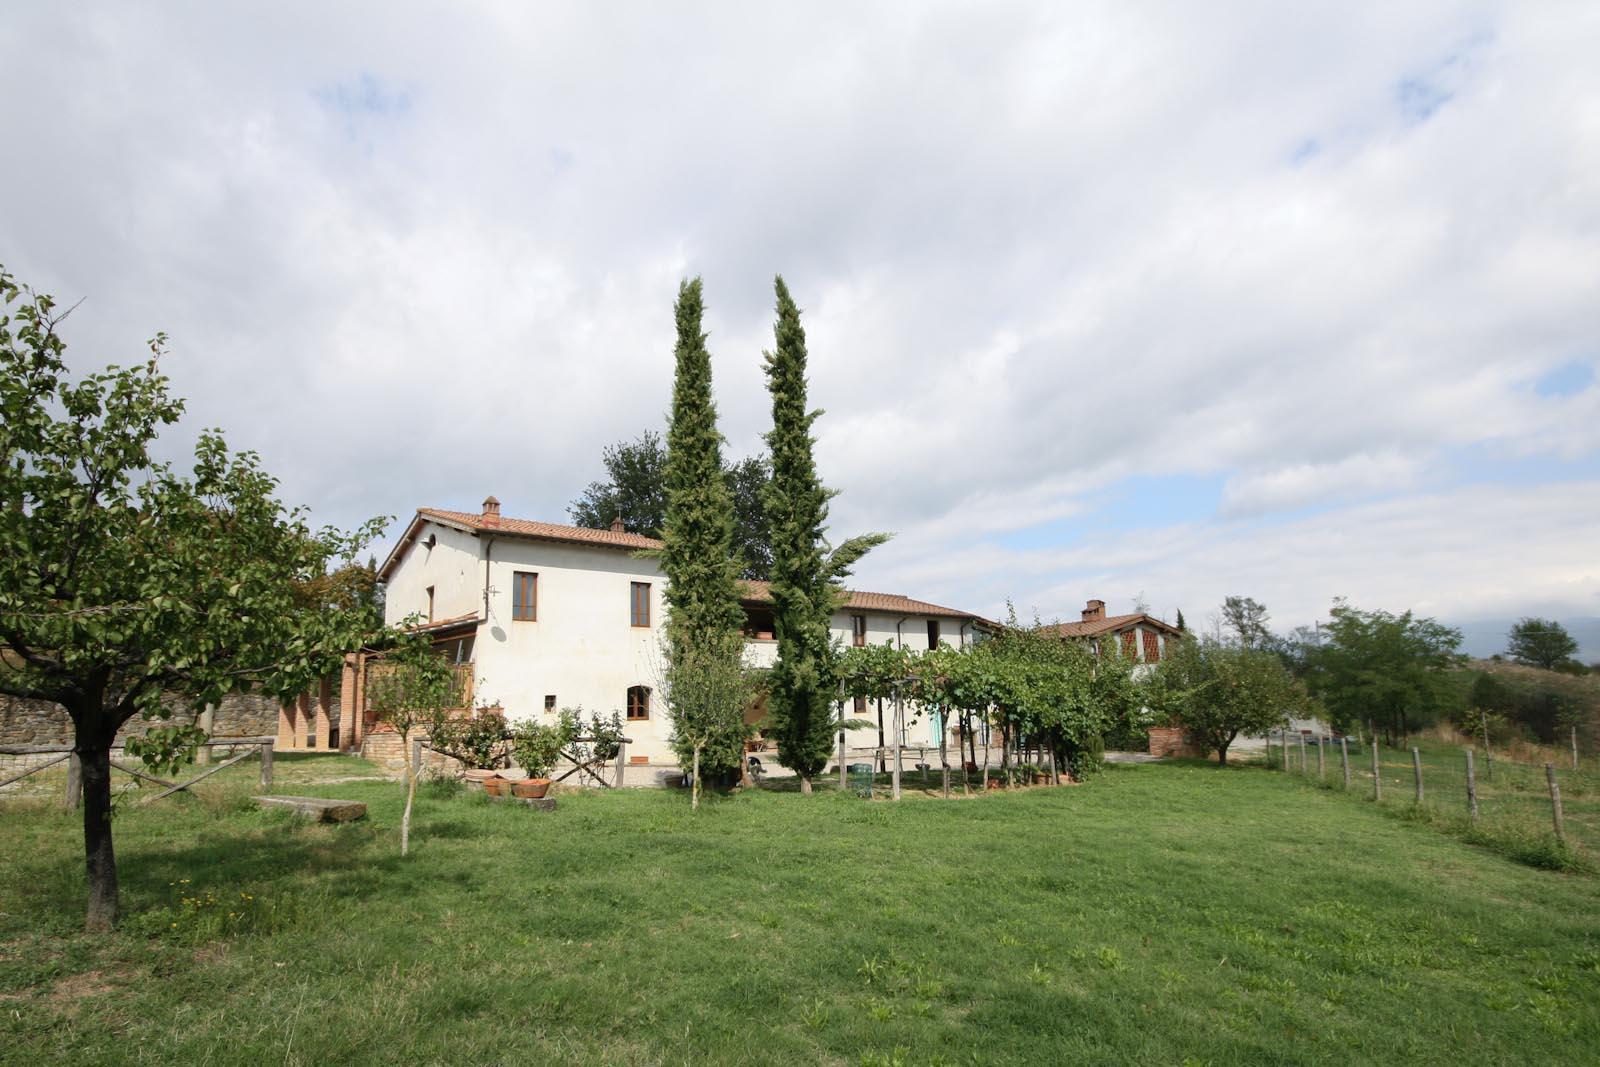 Das großzügige italienische Landhaus zu verkaufen mit fünf Apartments und Blick auf das Valdarno Tal in der Toskana